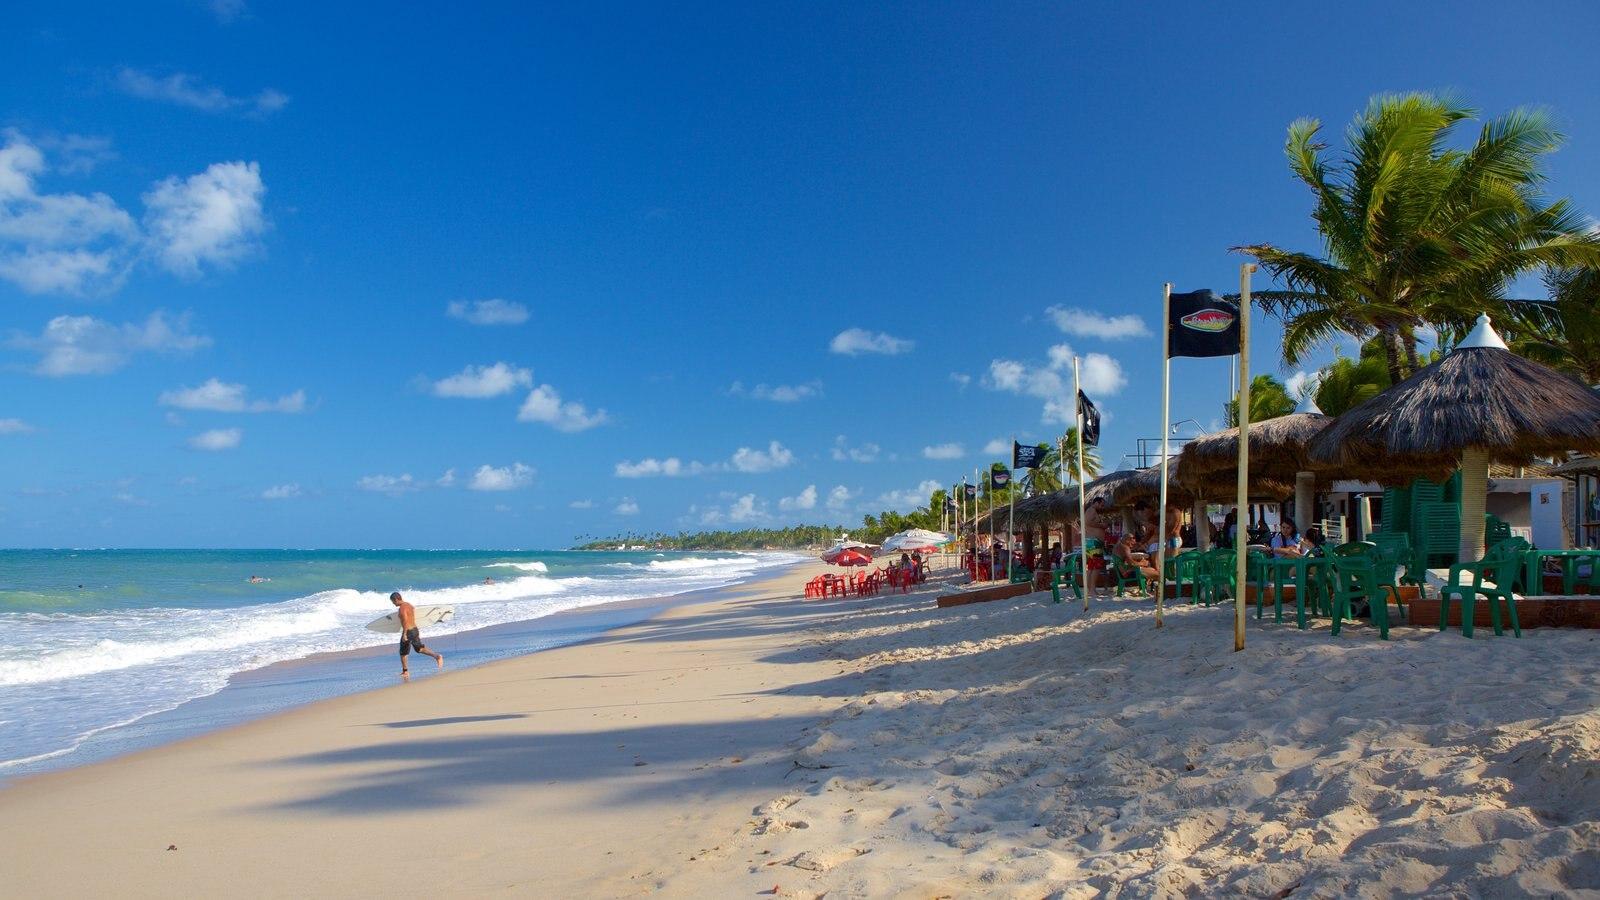 Praia de Maracaípe que inclui paisagens litorâneas e uma praia de areia